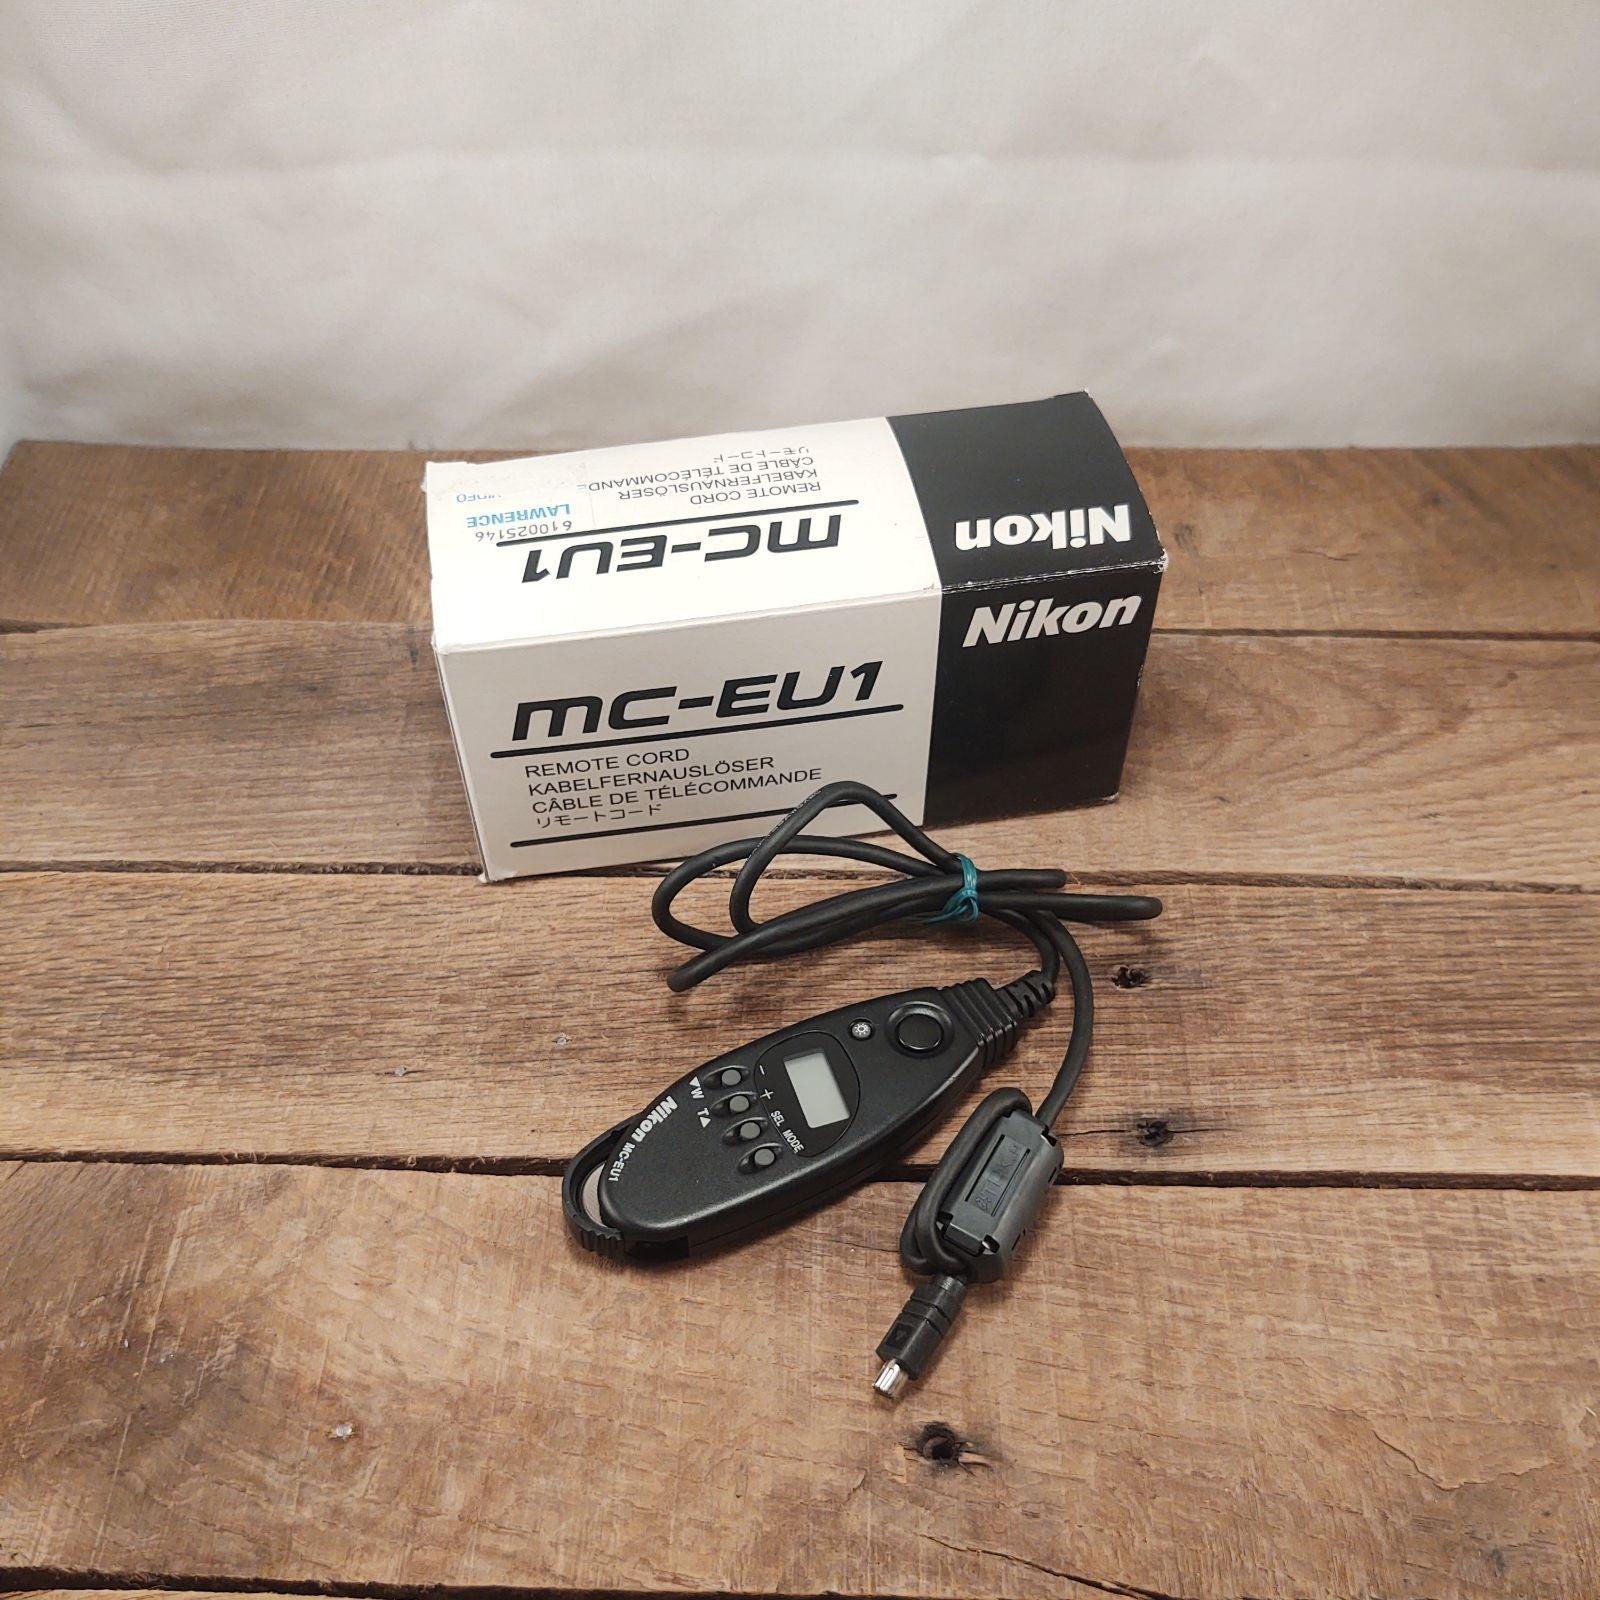 Nikon MC-EU1 Remote